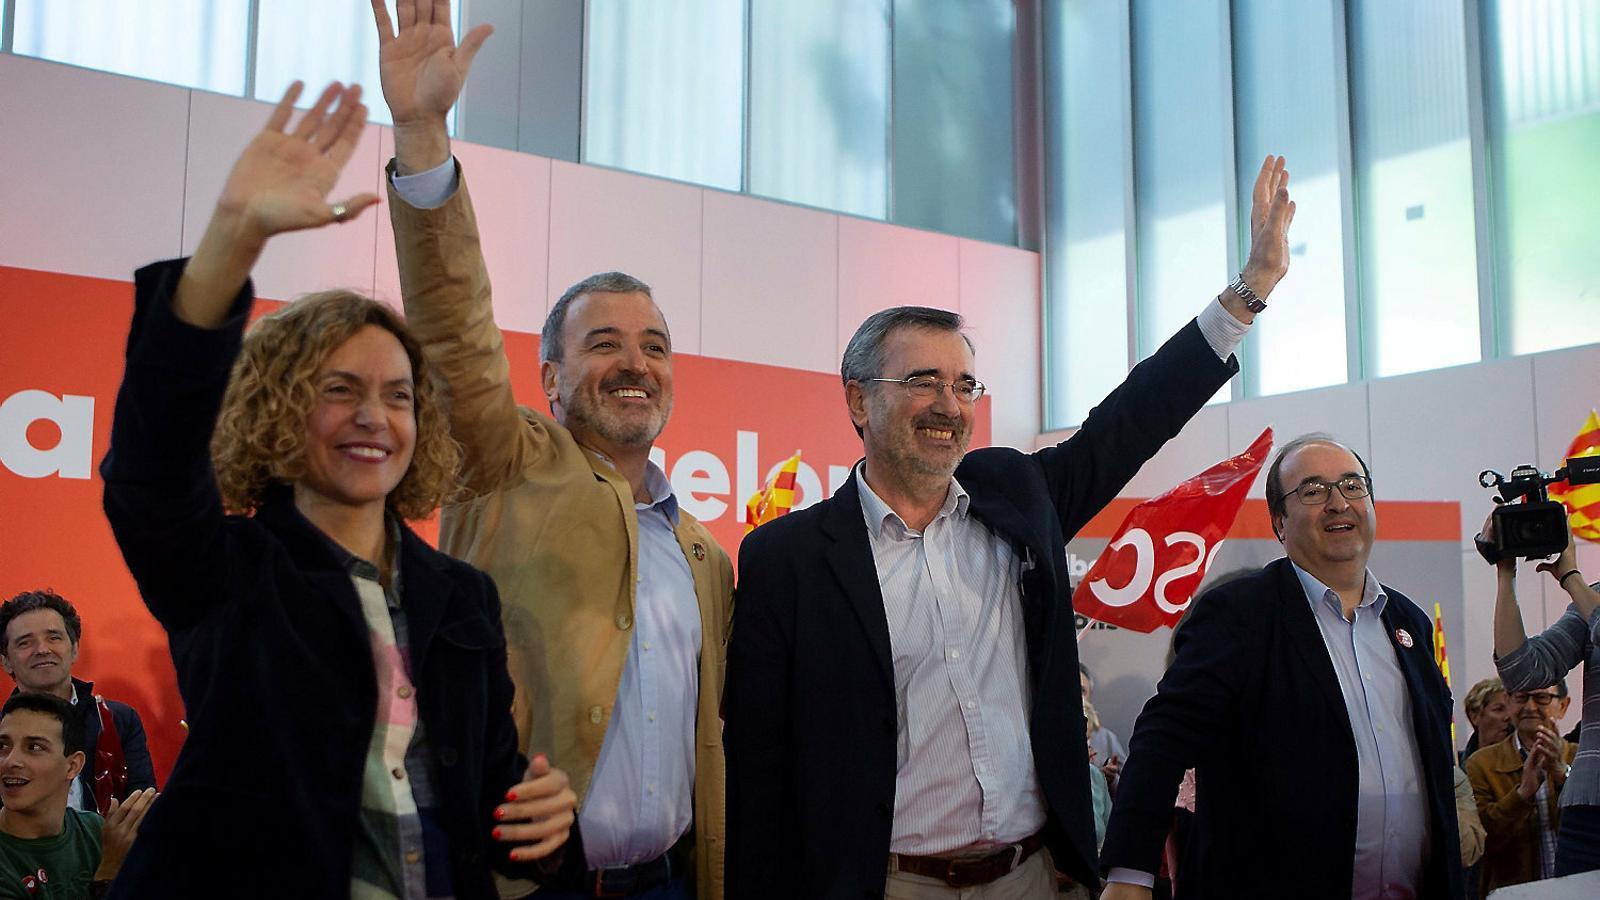 D'esquerra a dreta: la ministra en funcions Meritxell Batet; l'alcaldable del PSC a Barcelona, Jaume Collboni; el senador electe Manuel Cruz i el líder socialista, Miquel Iceta, ahir a La Marina.